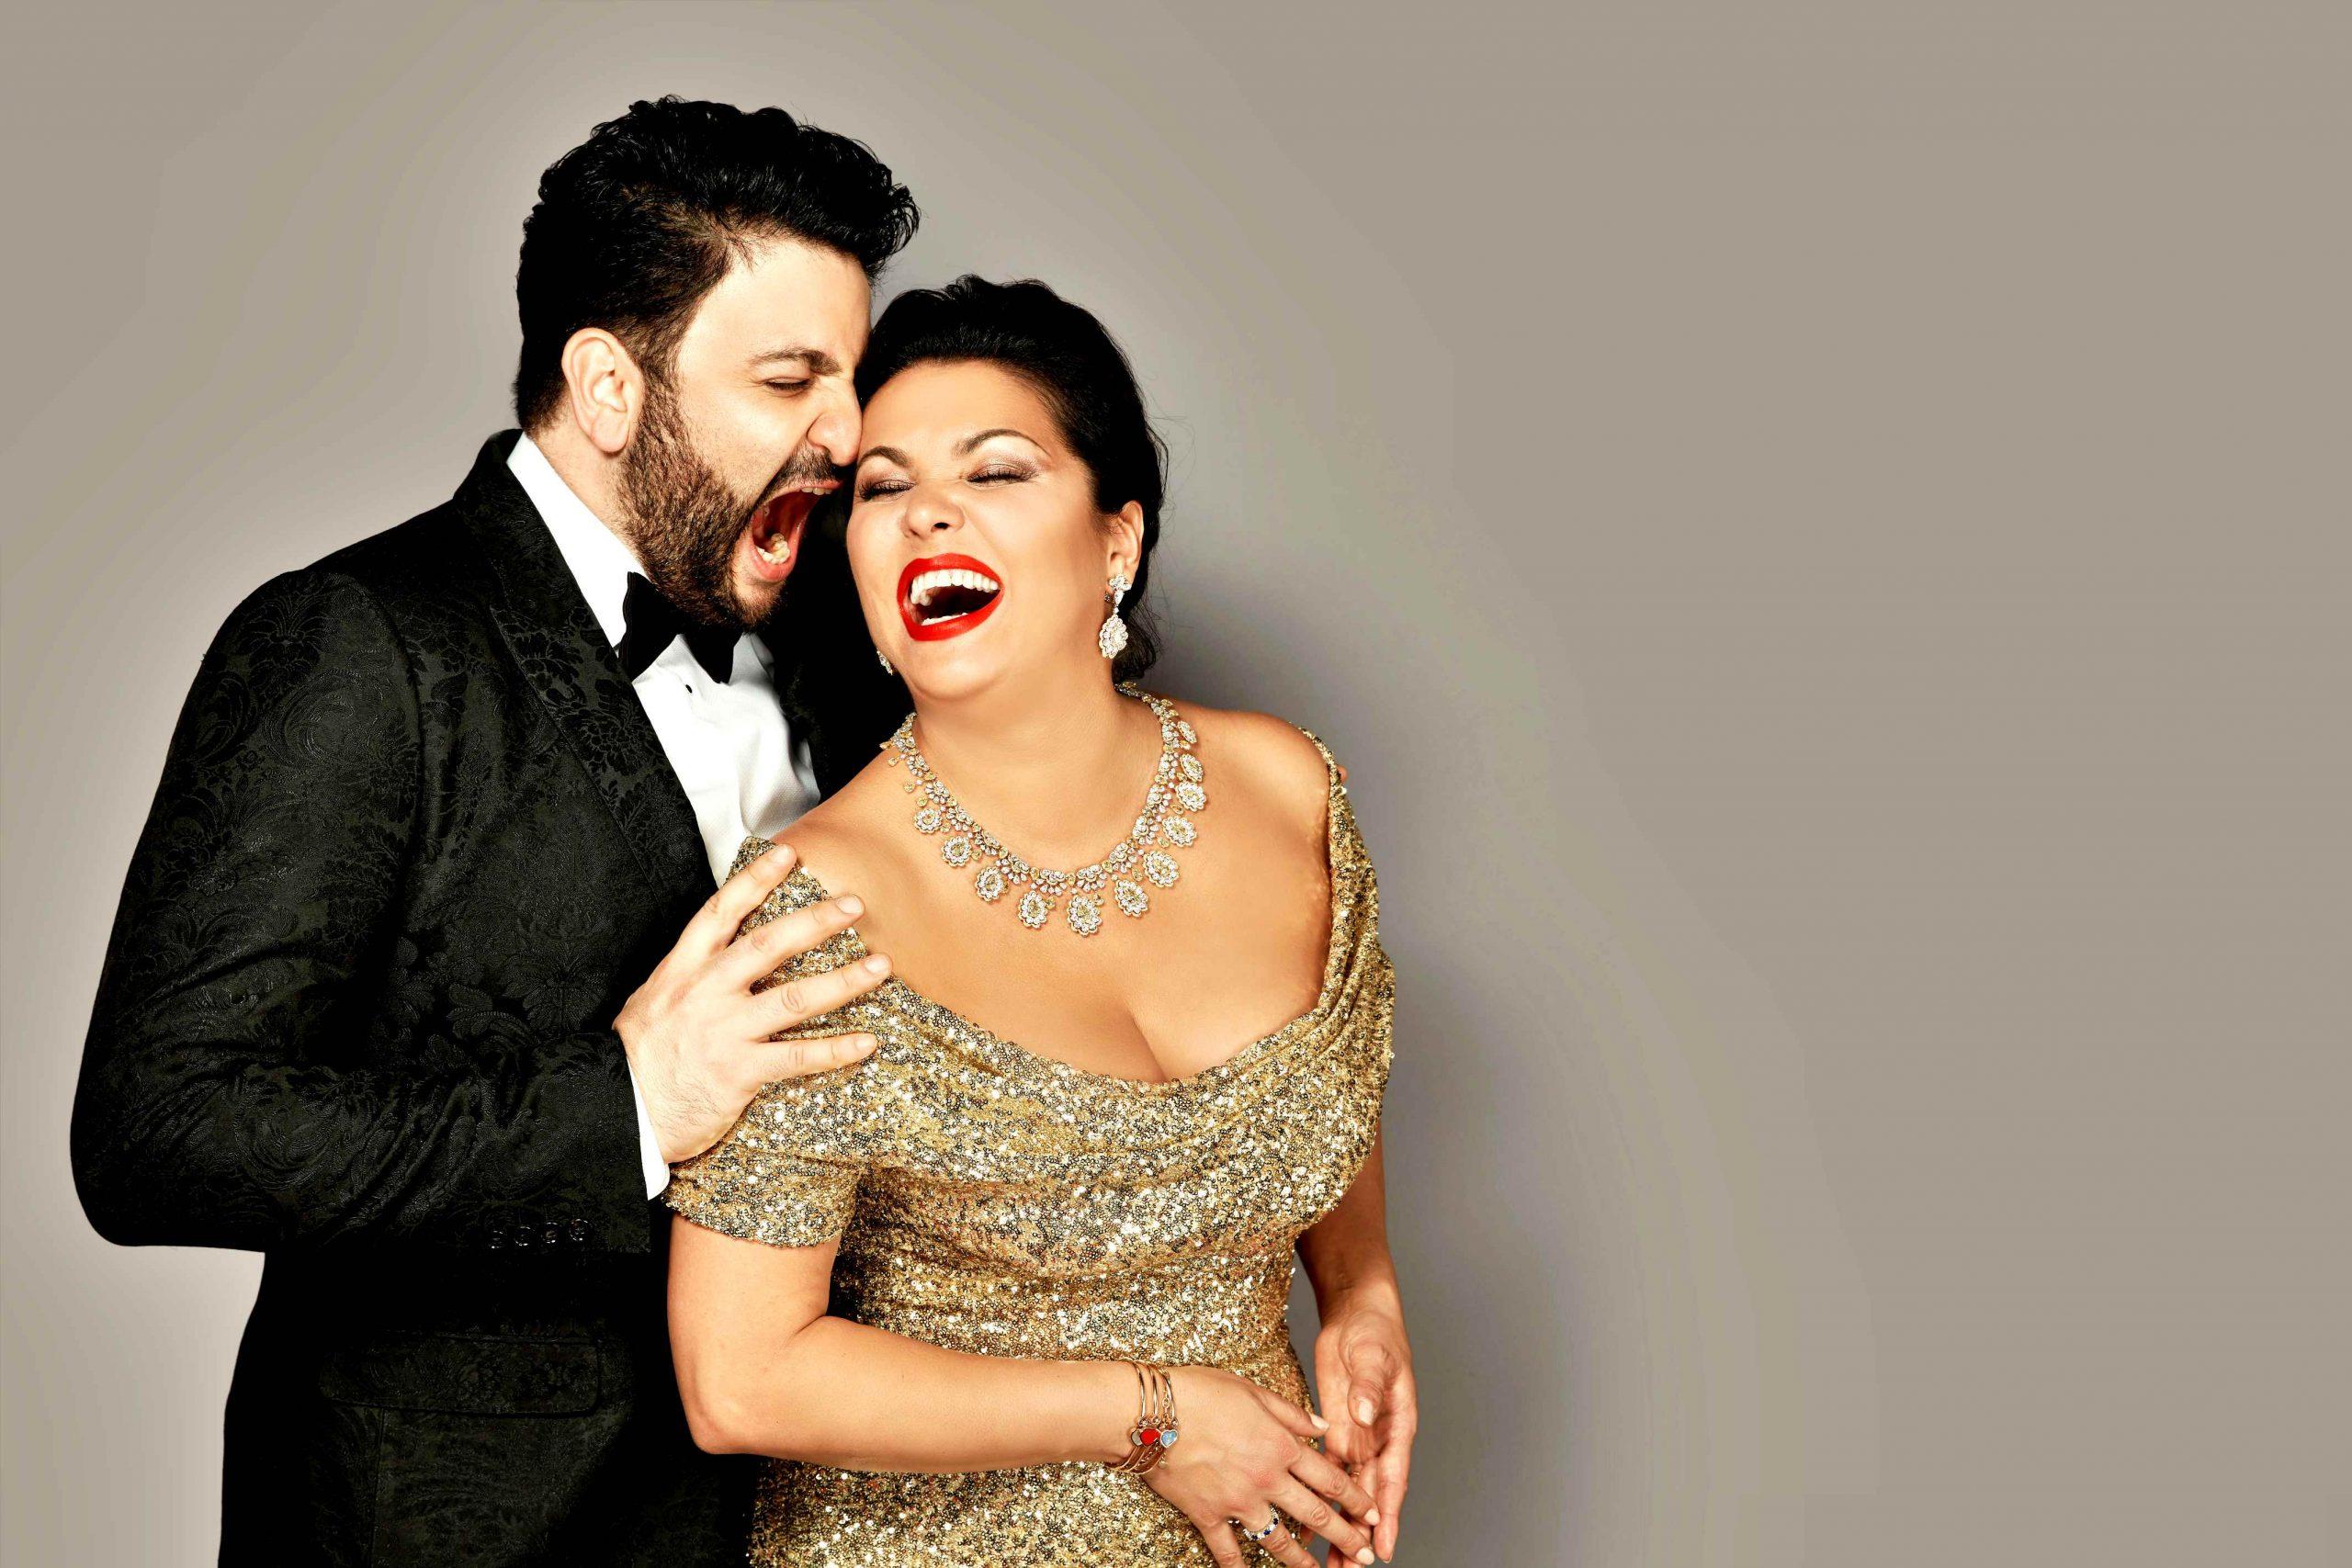 Anna Netrebko e Yusif Eyvazov, la coppia d'oro della lirica a Palermo